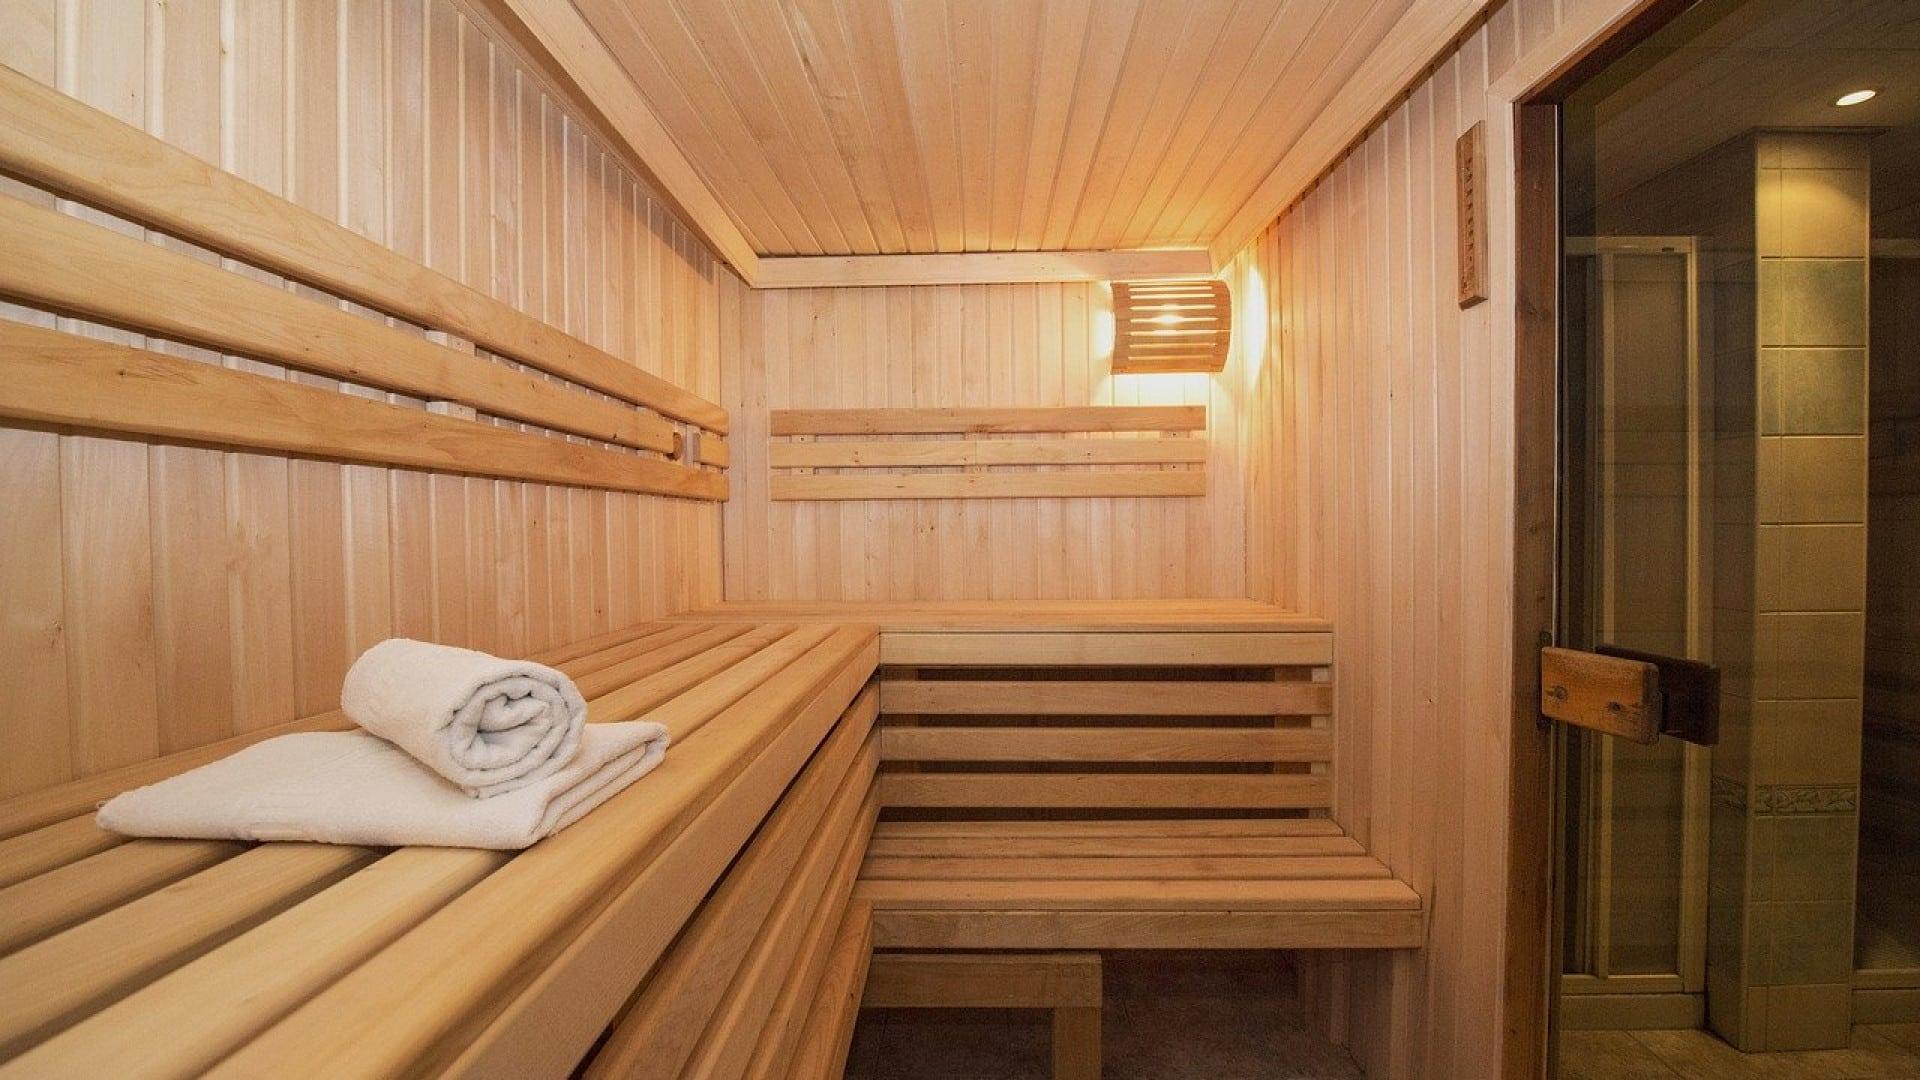 Comment choisir son sauna d'intérieur ?